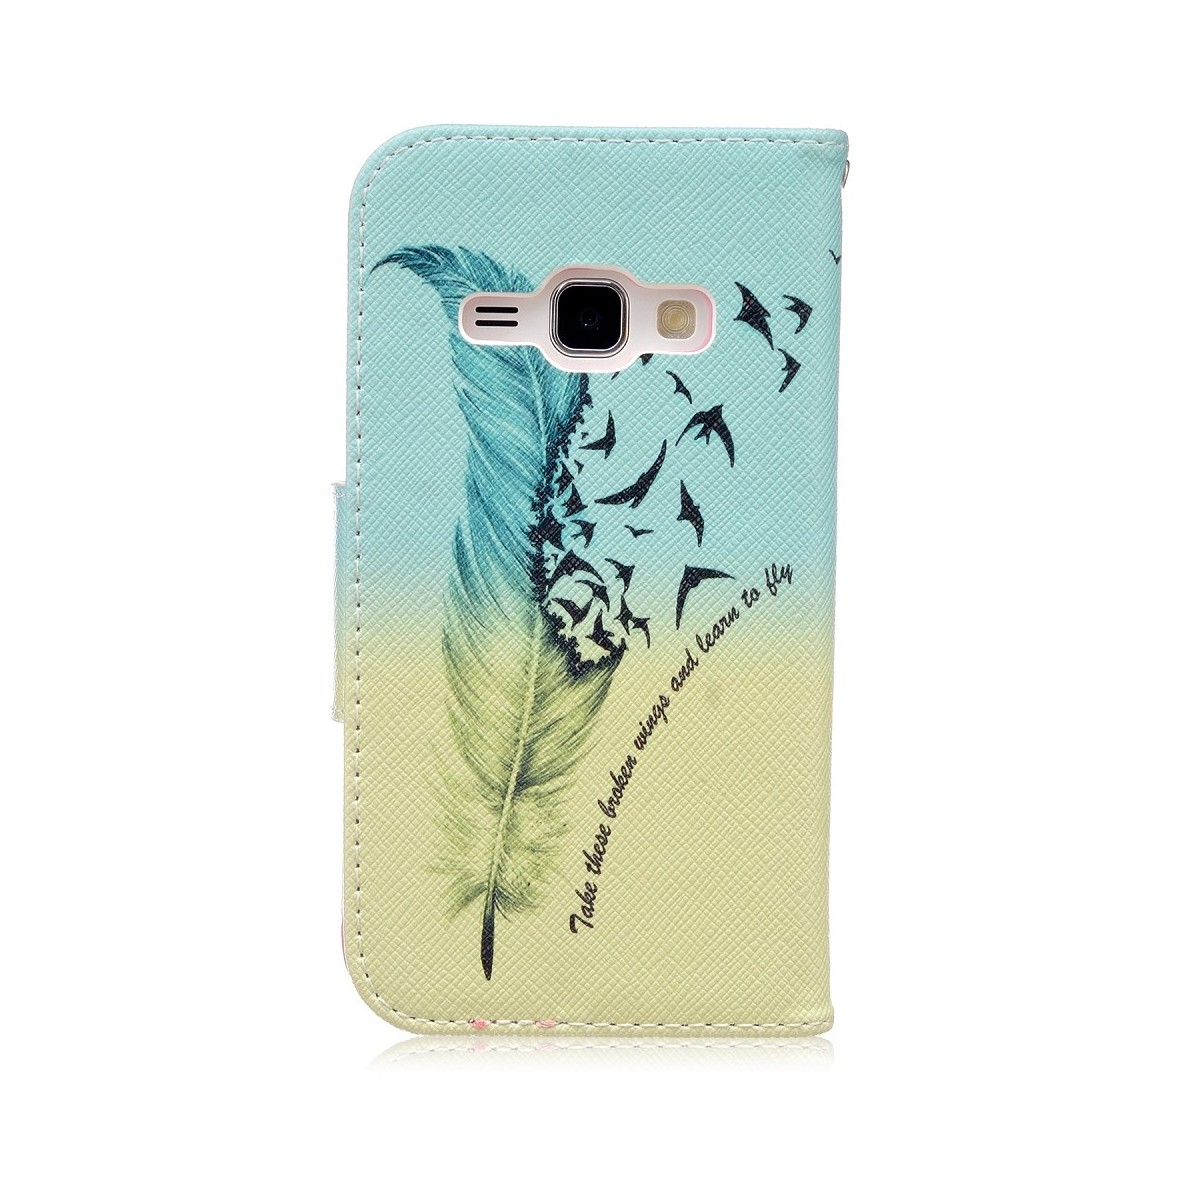 Etui Galaxy J1 (2016) motif Plume et Oiseaux sur fond bleu et vert - Crazy Kase